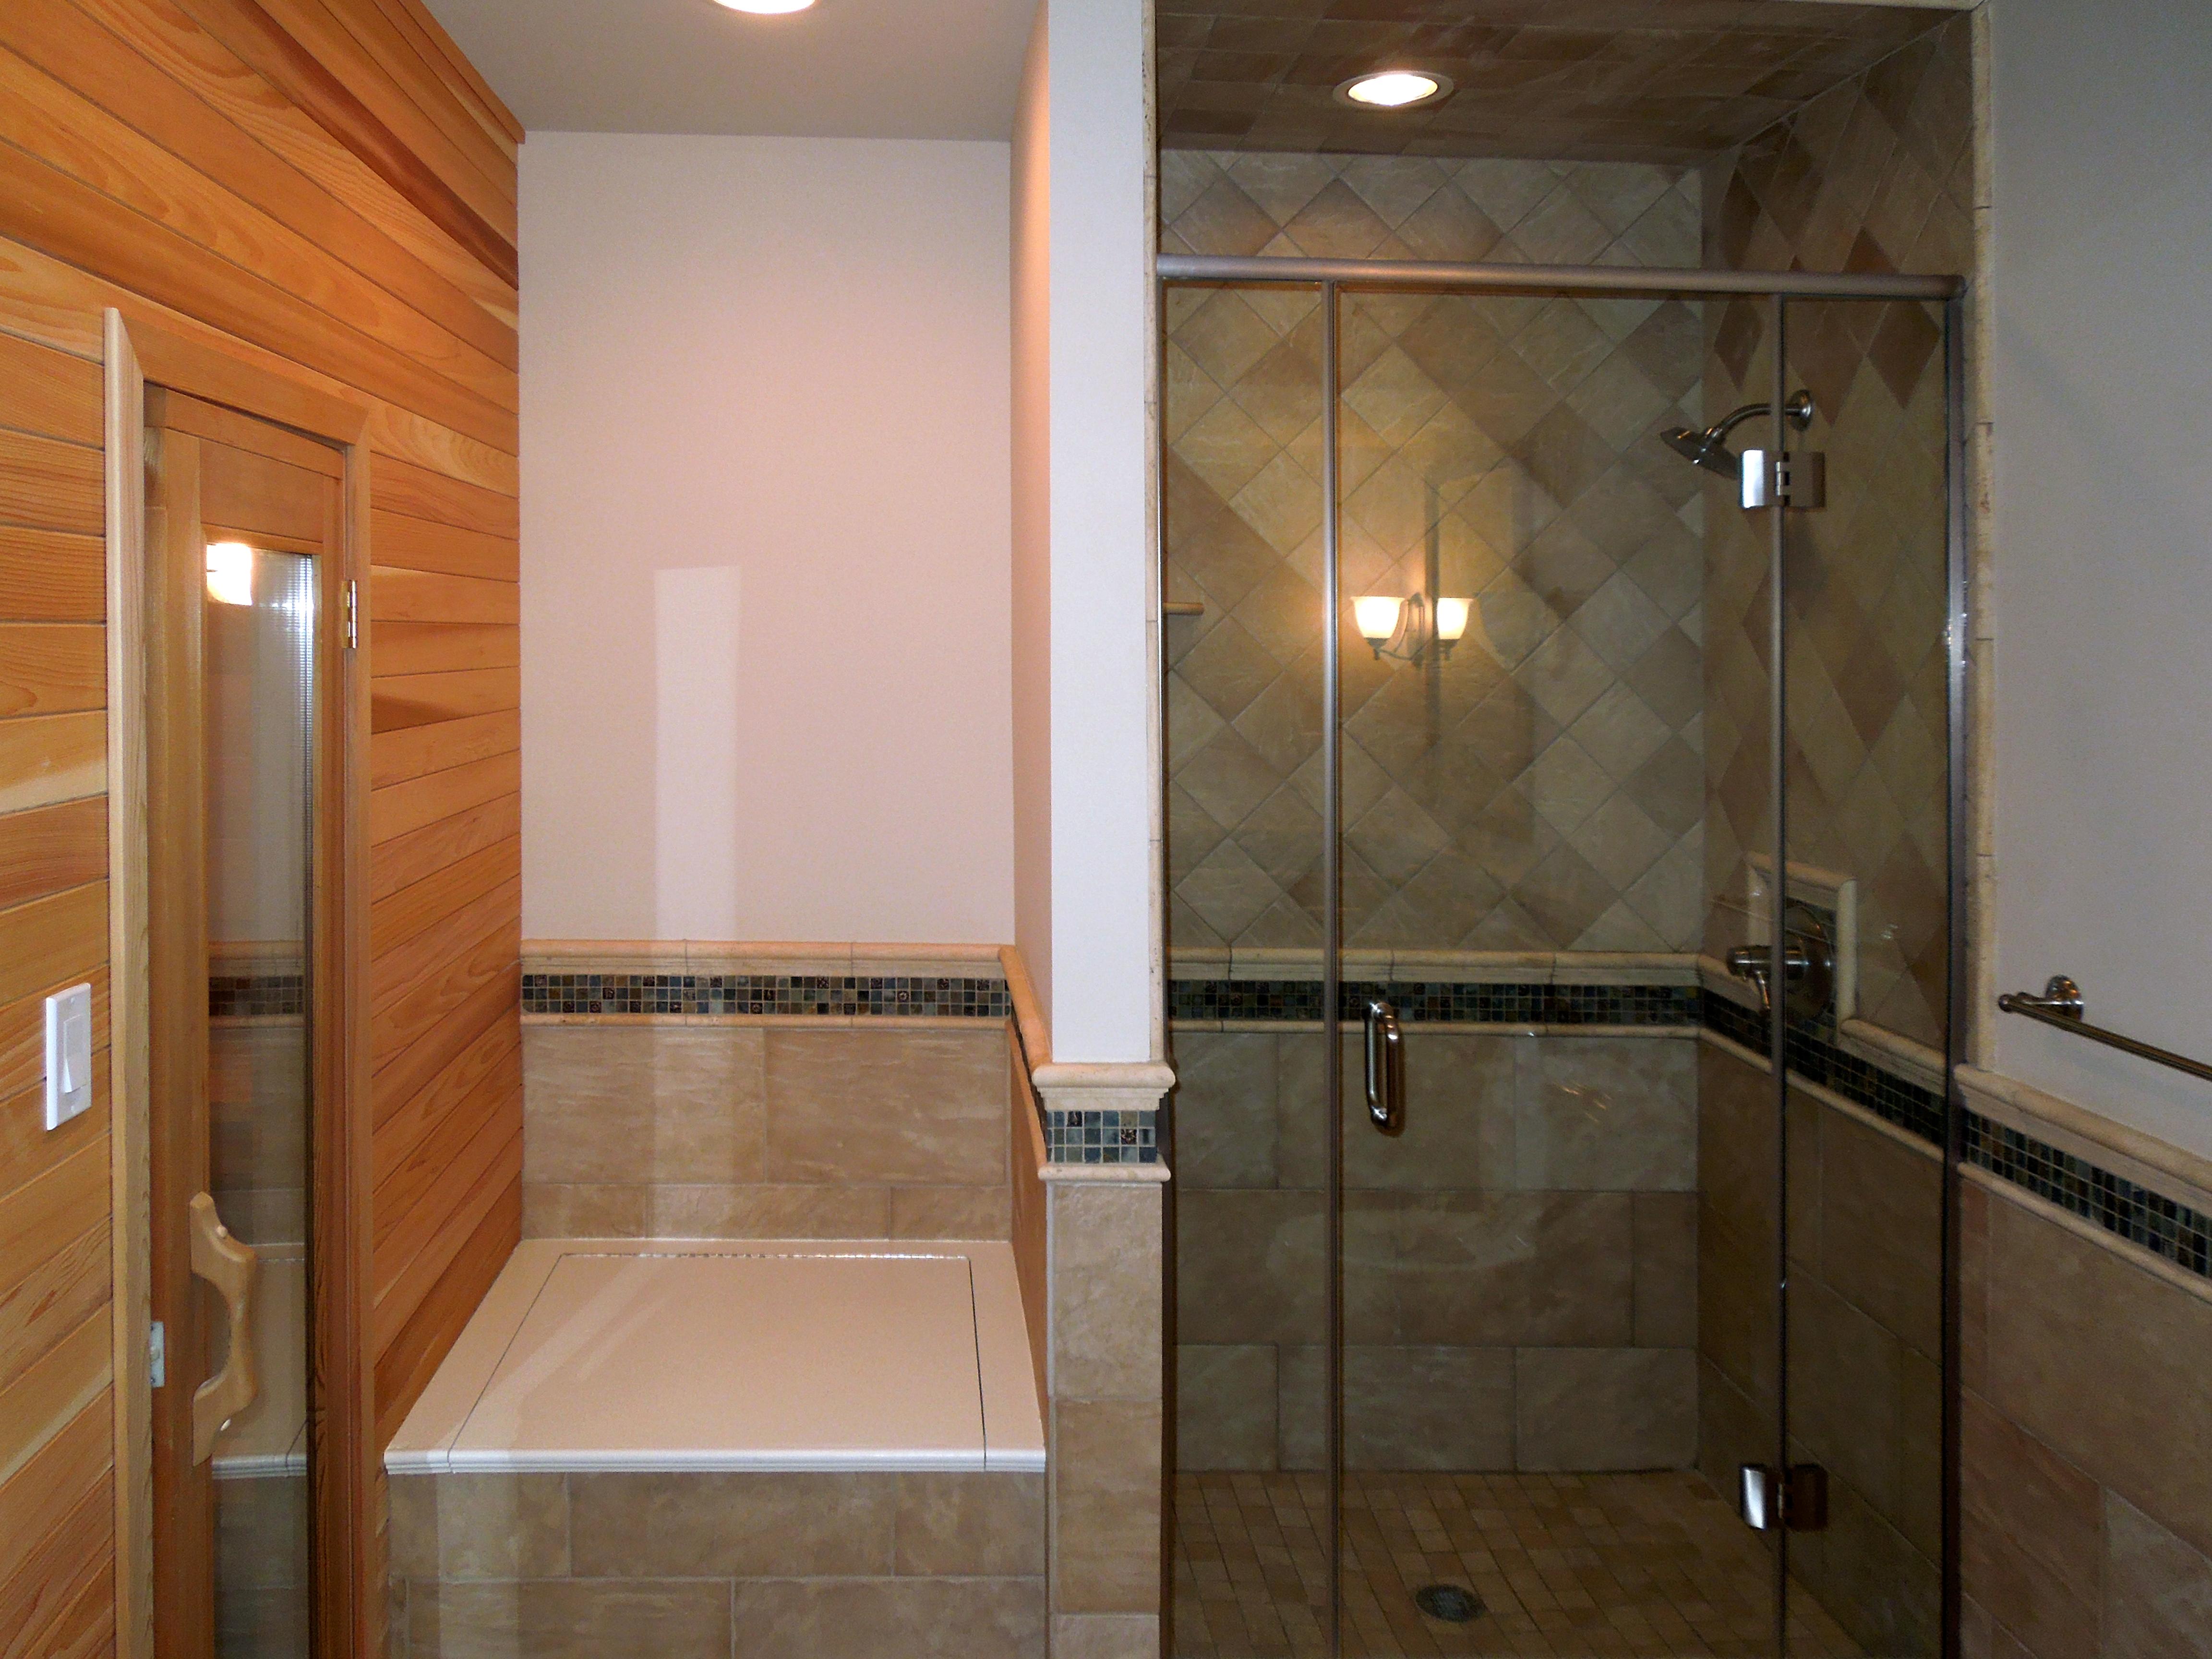 13 - Frameless shower door